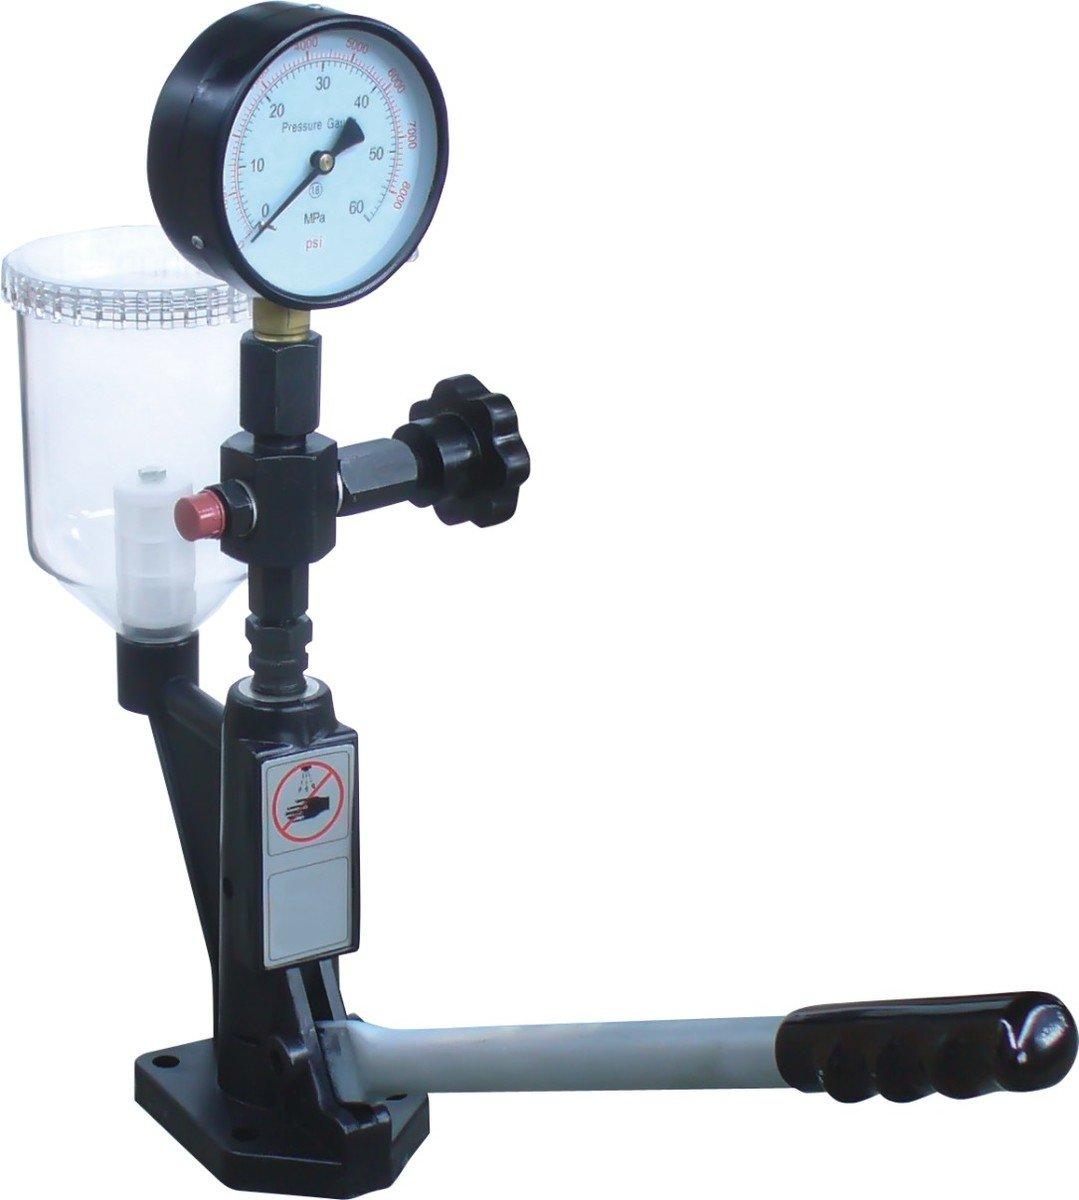 Přípravek na měření vstřikovacích trysek dieselových motorů s tlakem do 600 Bar - QS30098